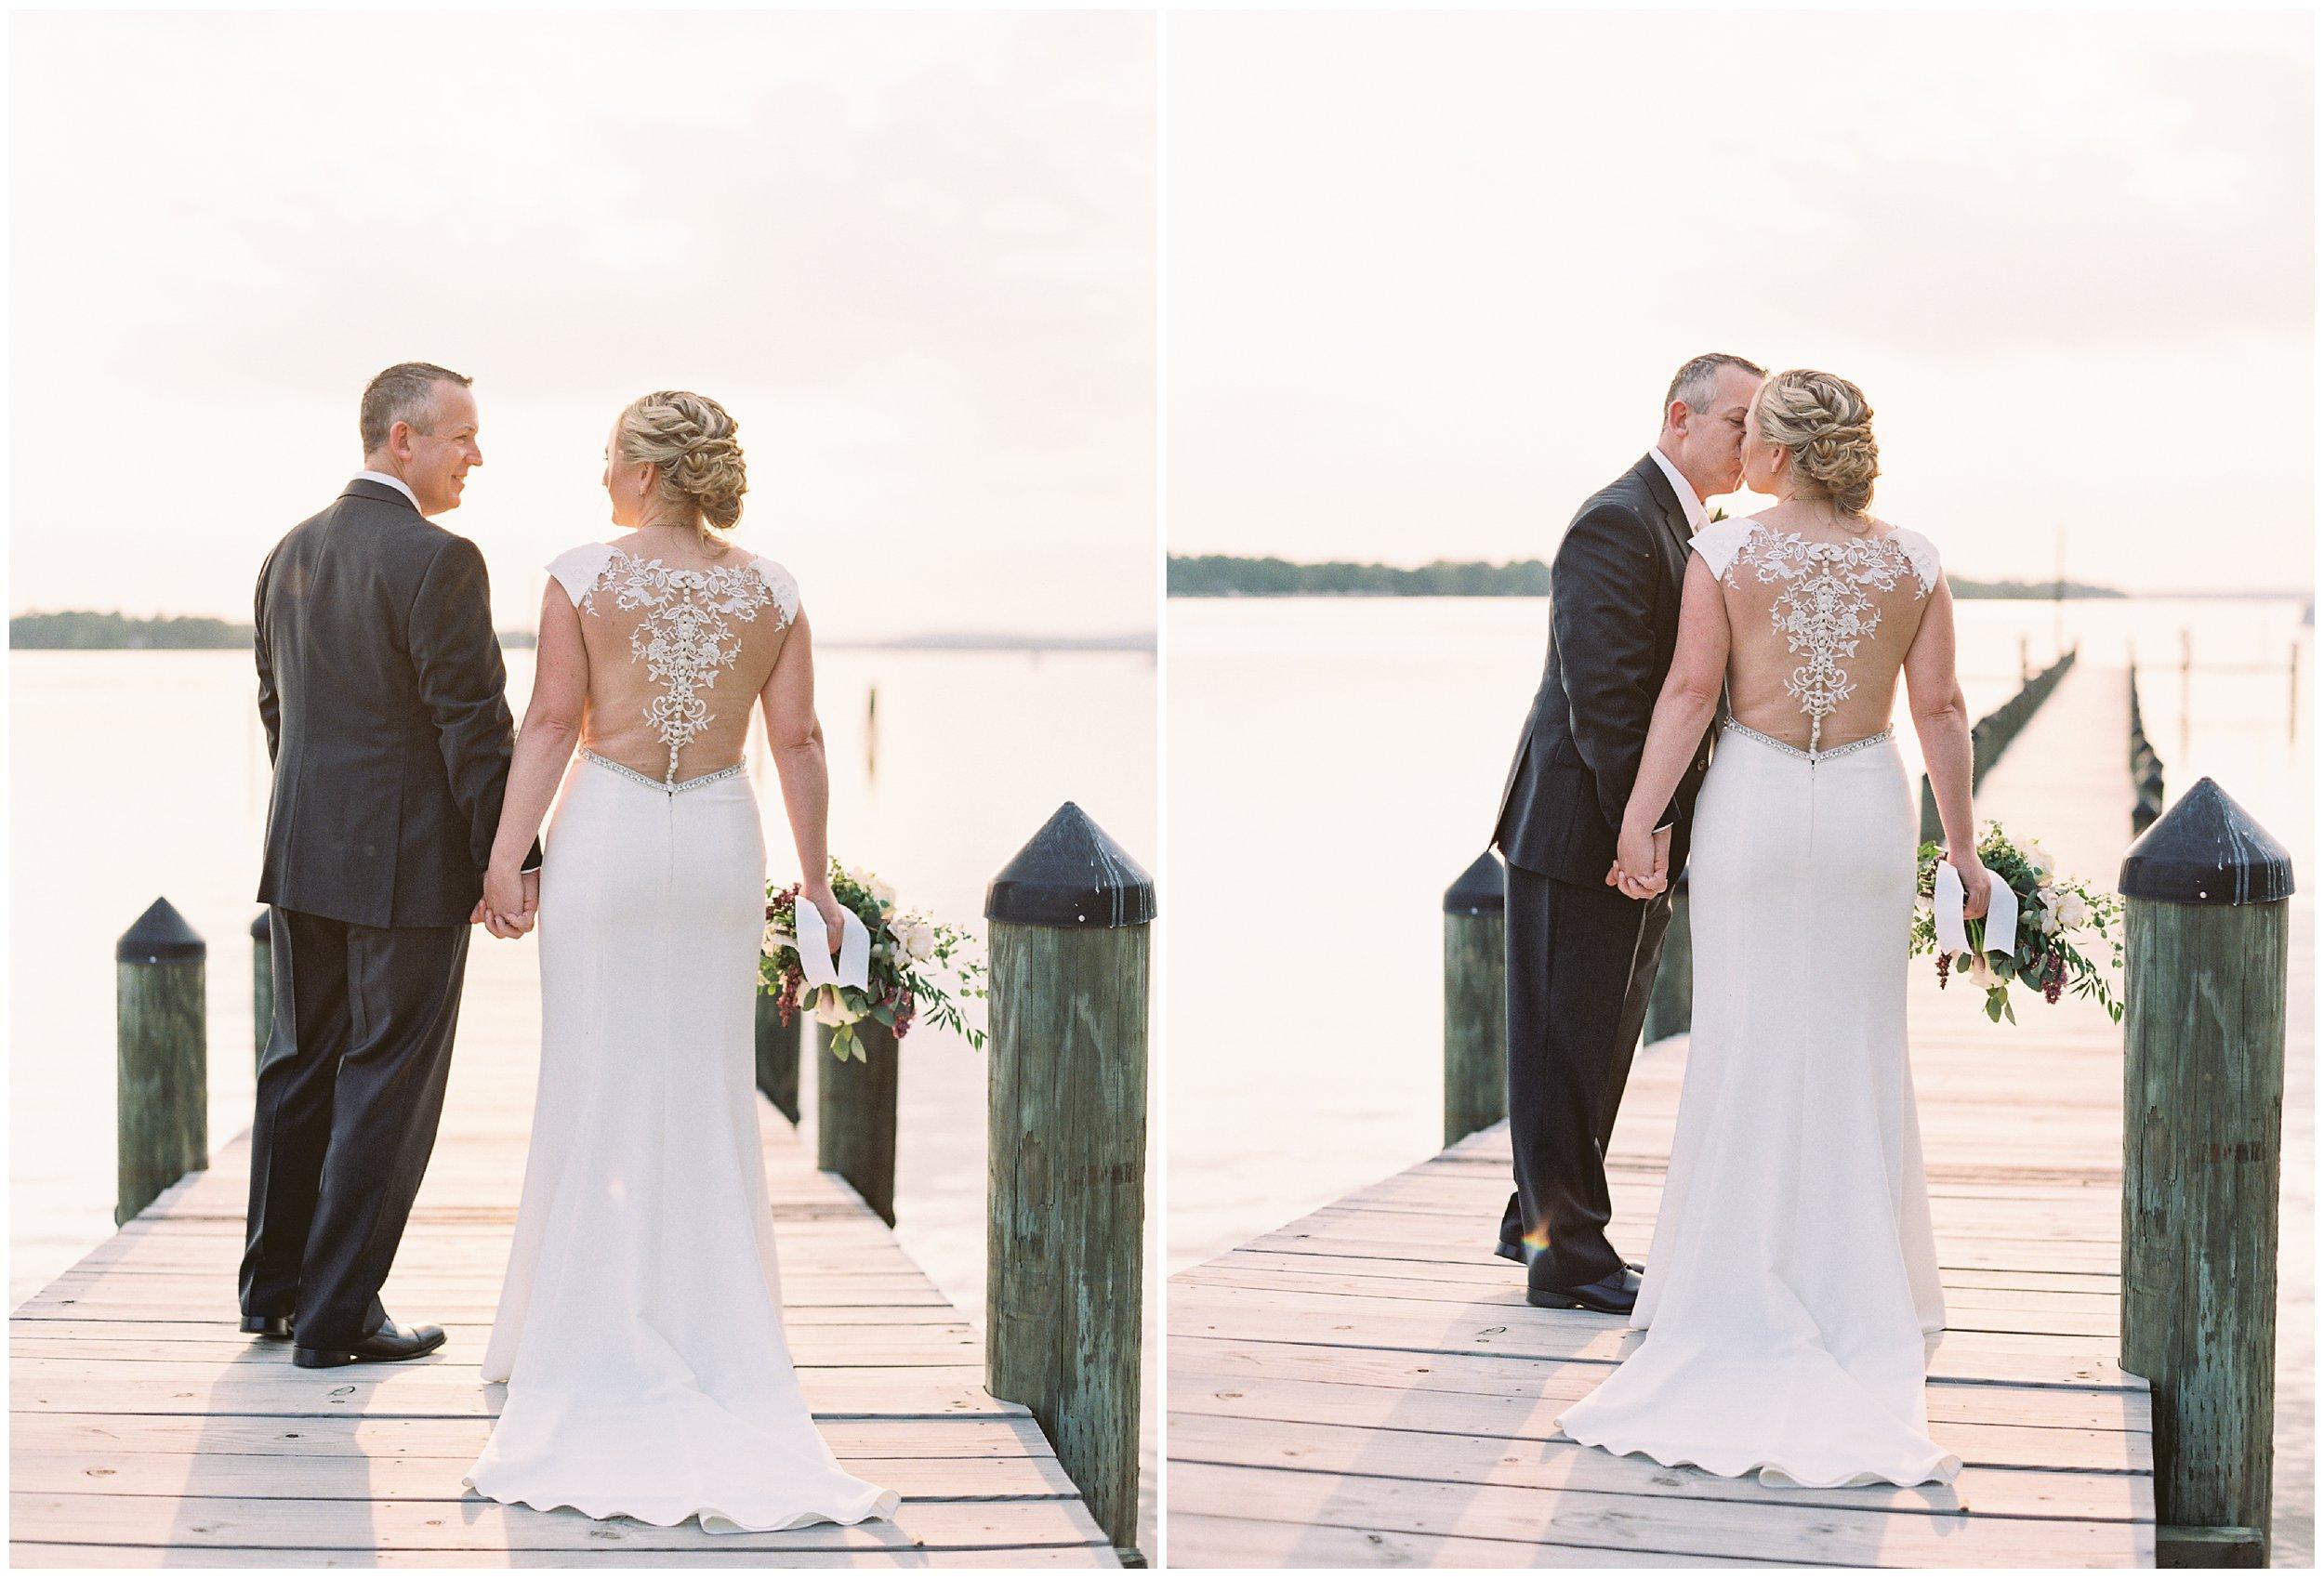 wedding portraits at sunset on maryland dock